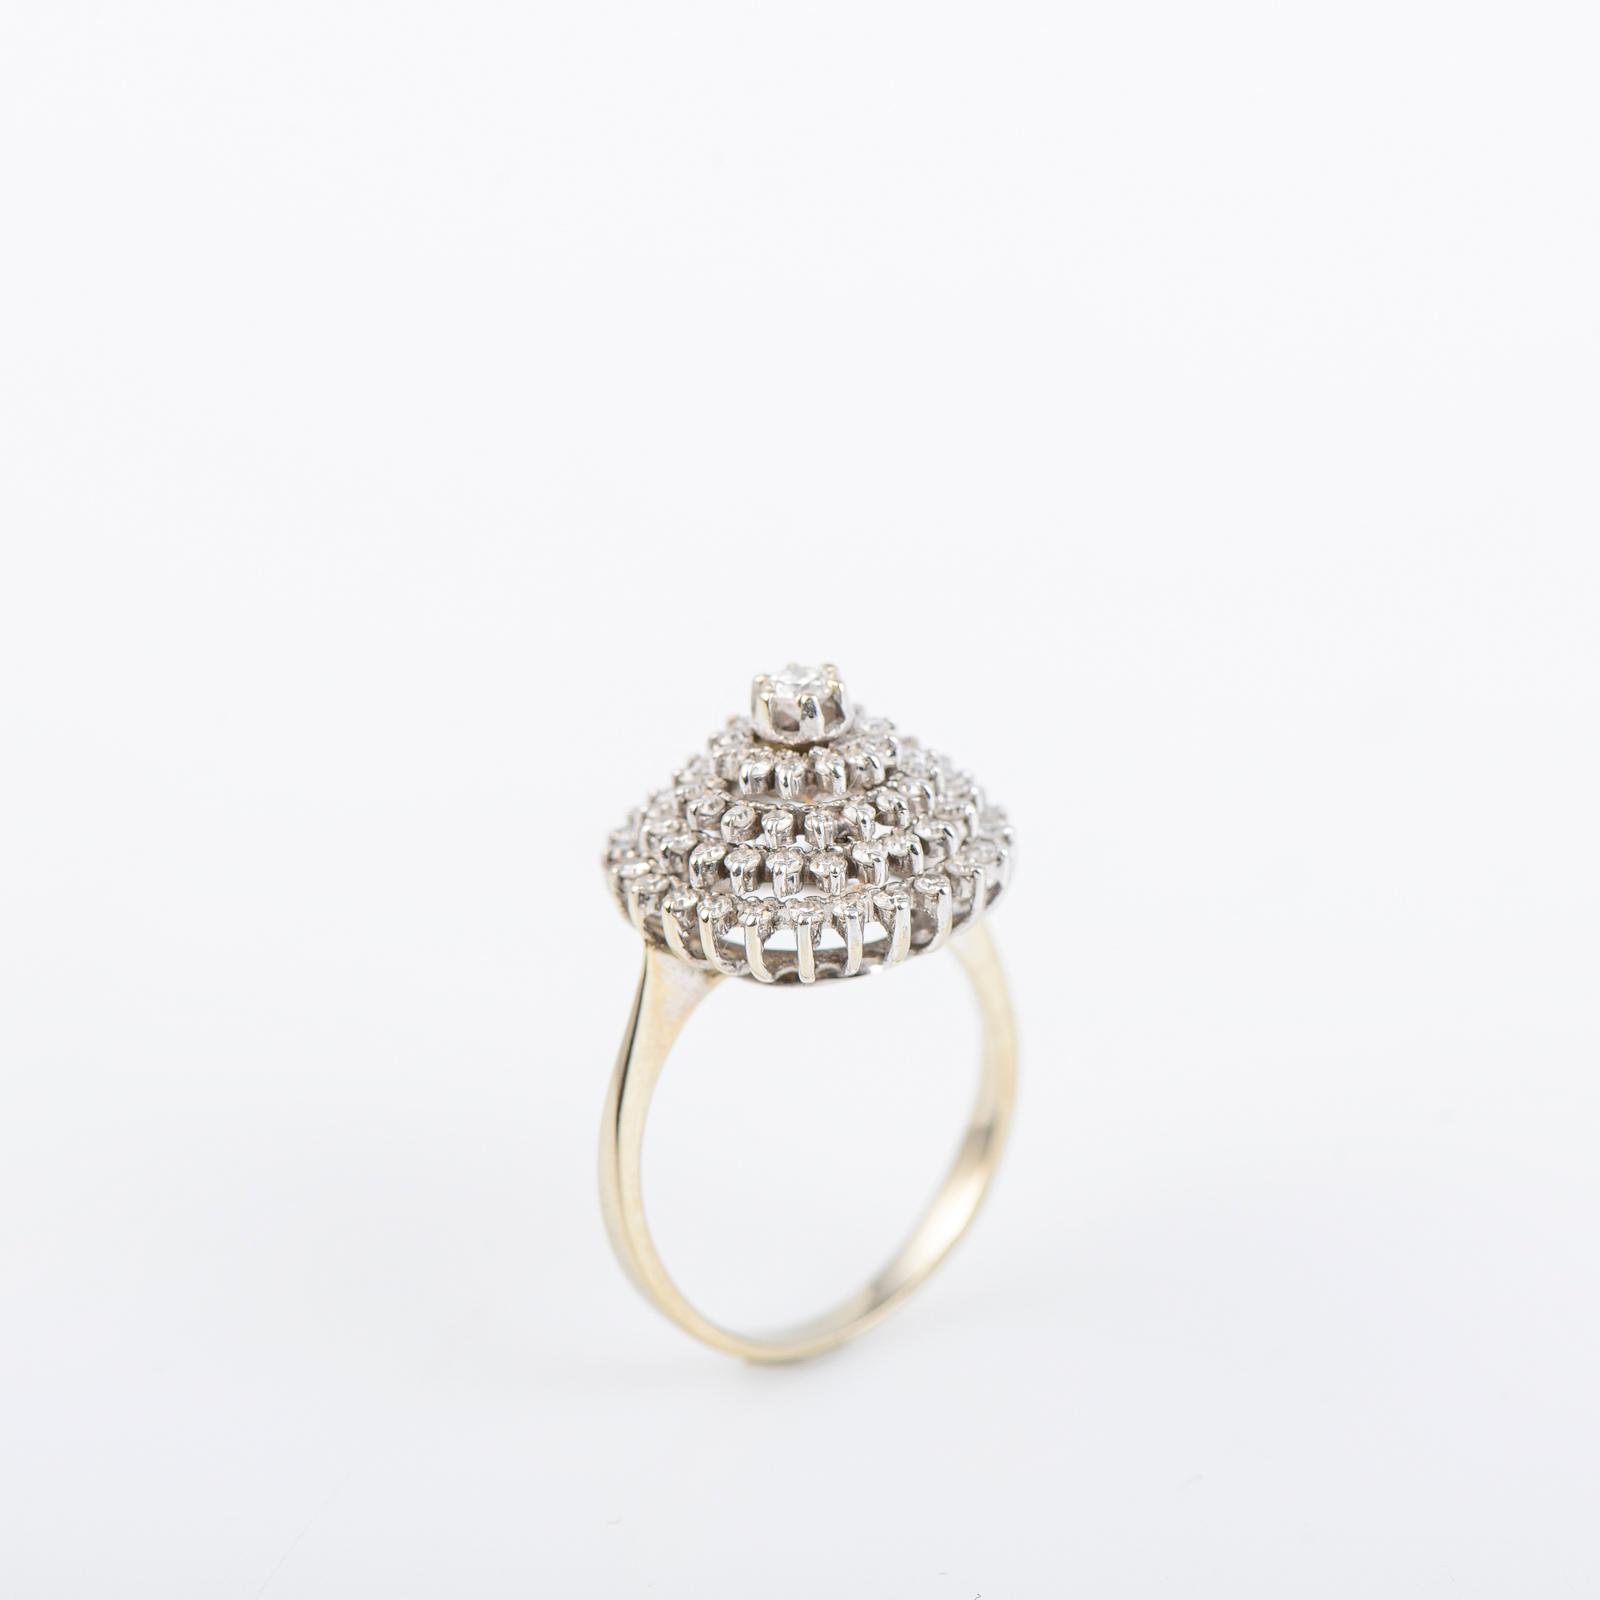 Anel em ouro branco 800 ml, diamantes, P.5g.